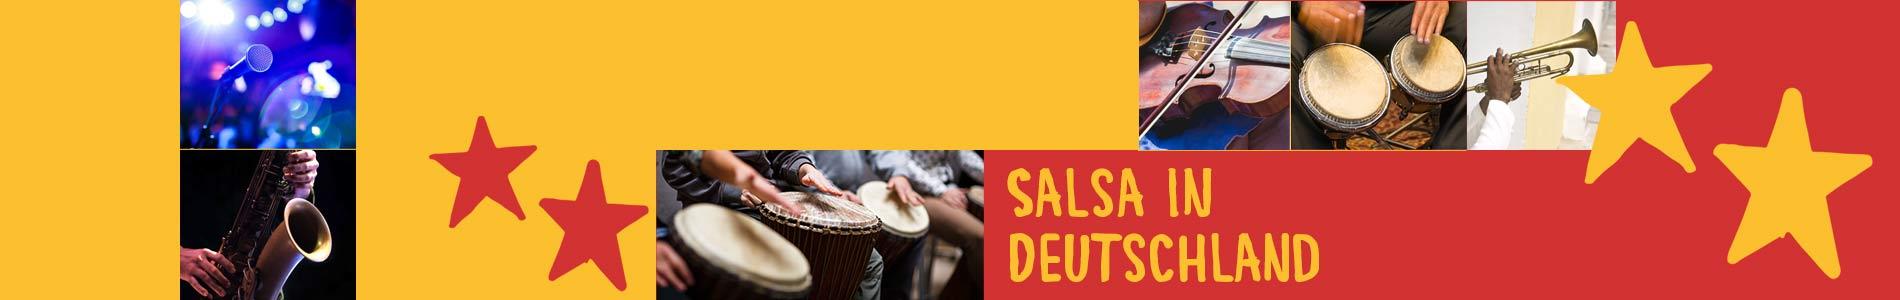 Salsa in Bundenbach – Salsa lernen und tanzen, Tanzkurse, Partys, Veranstaltungen